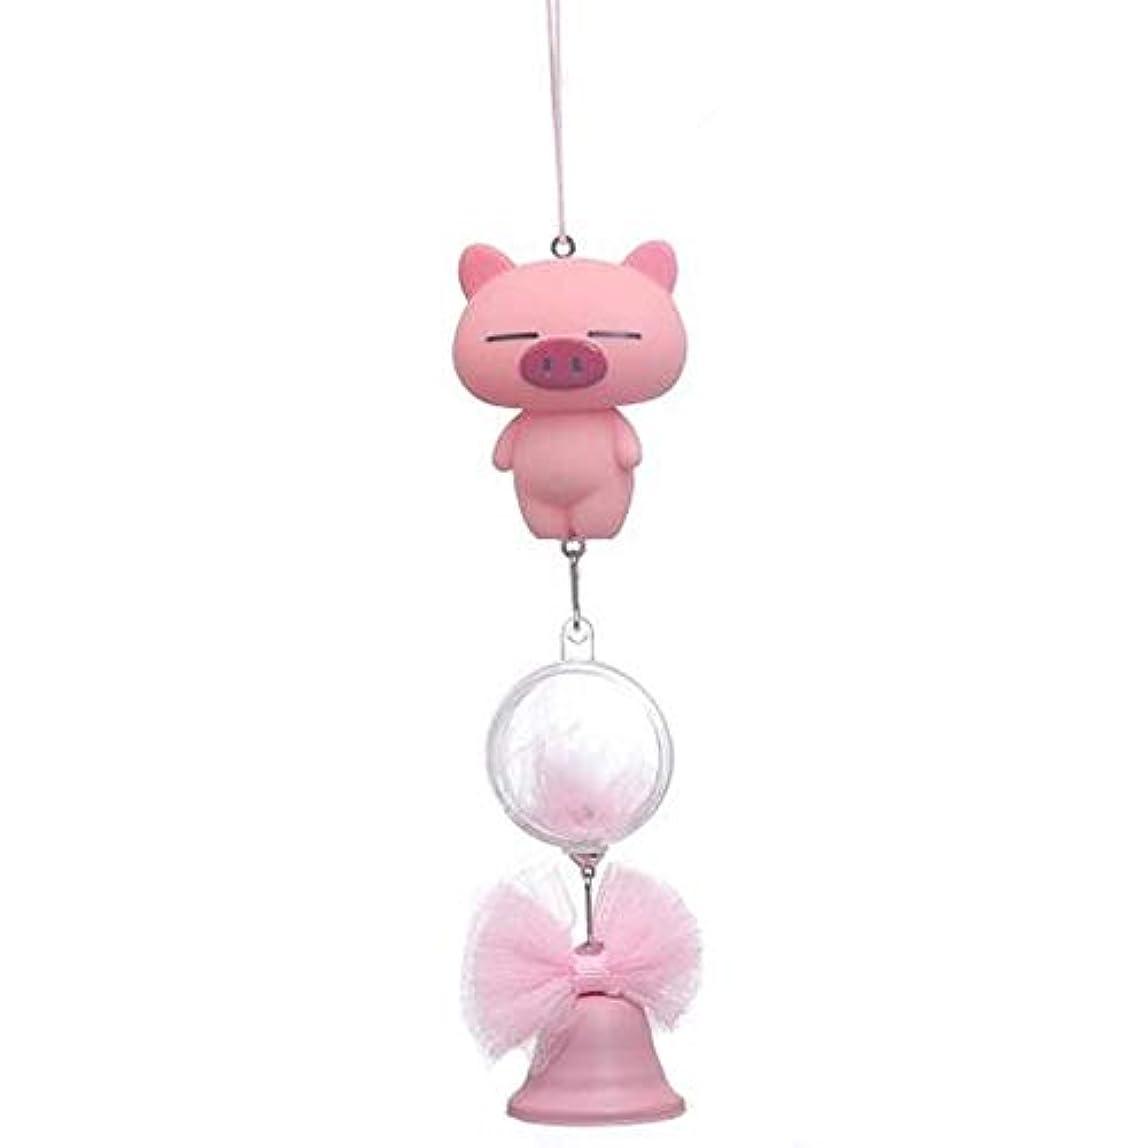 不屈ストレージアクティビティAishanghuayi 風チャイム、シリコーン素材クリエイティブ豚の風チャイム、パープル、全身について27cmの,ファッションオーナメント (Color : Pink)